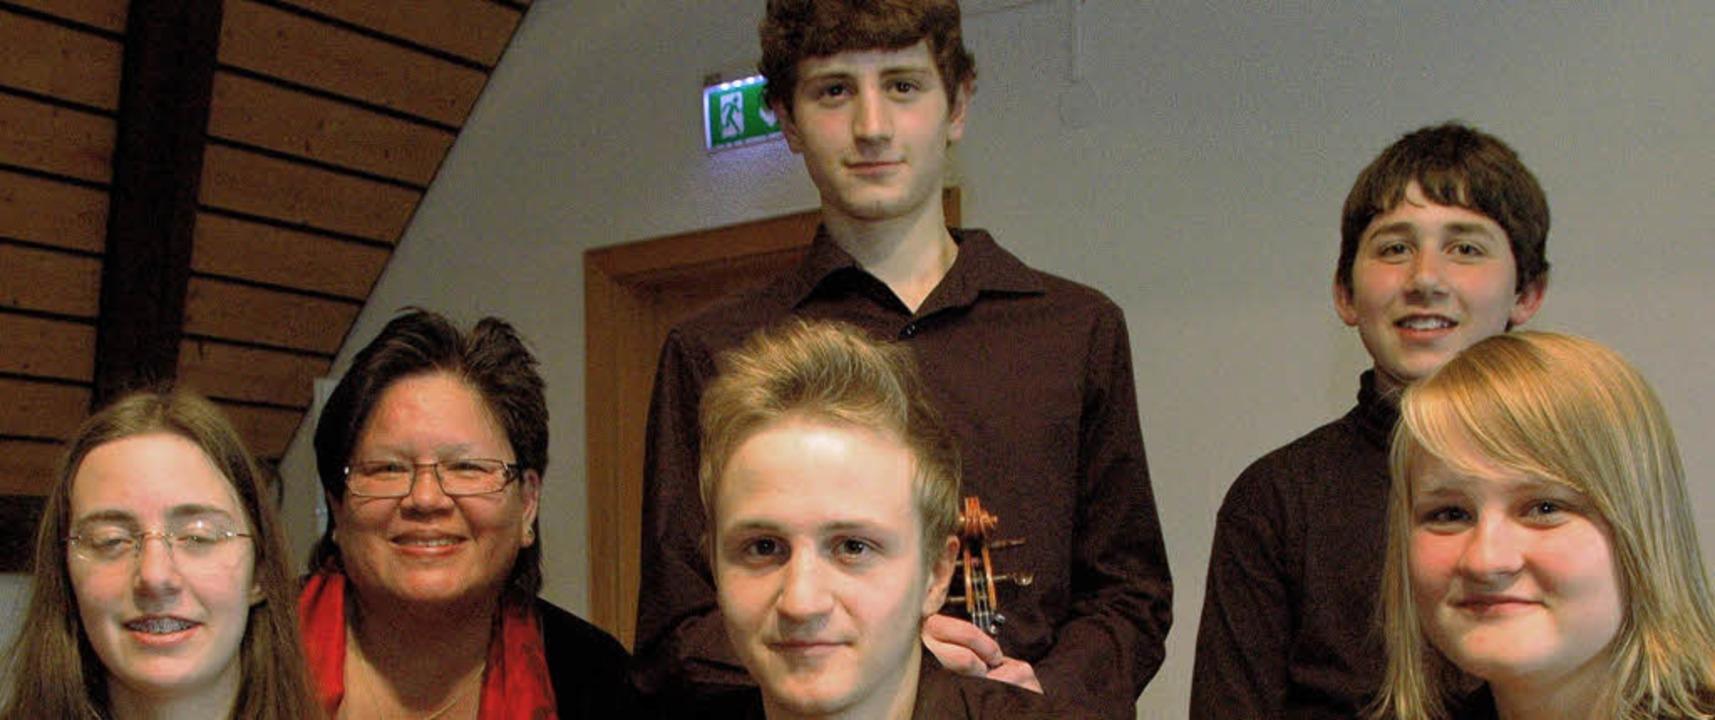 Organisatorin des Konzertes Eveline Vi...ter und Joel Mayer (hinten von links).    Foto: Regine Ounas-Kräusel